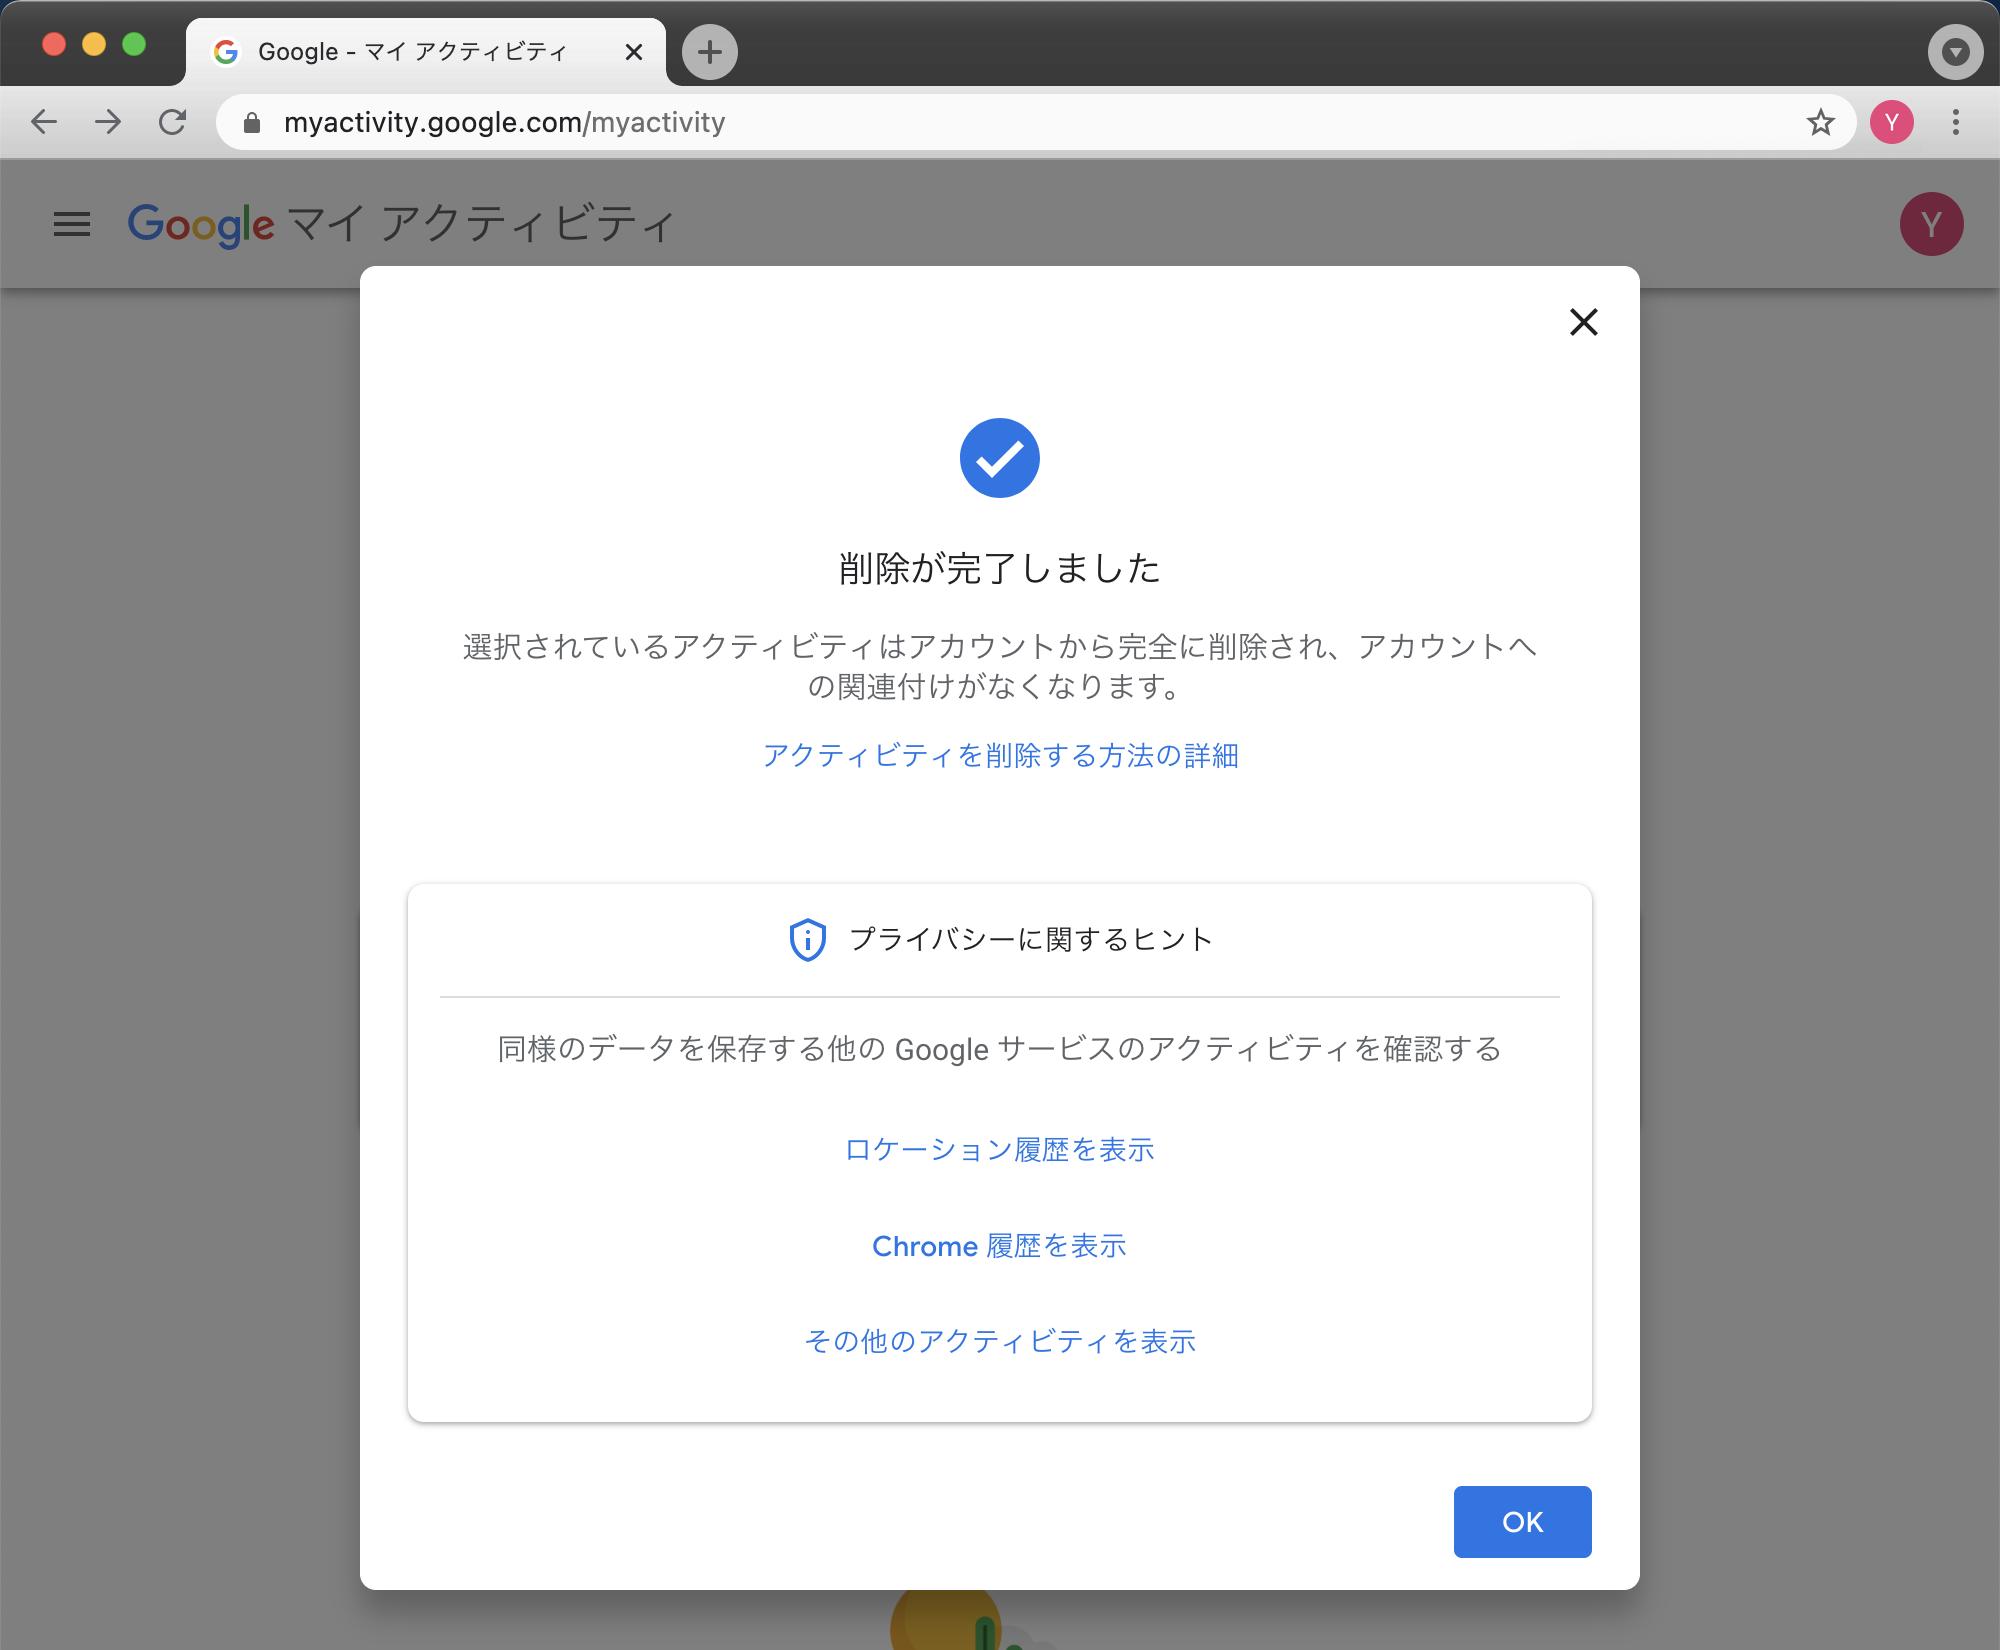 Google マイ アクティビティの履歴を削除完了